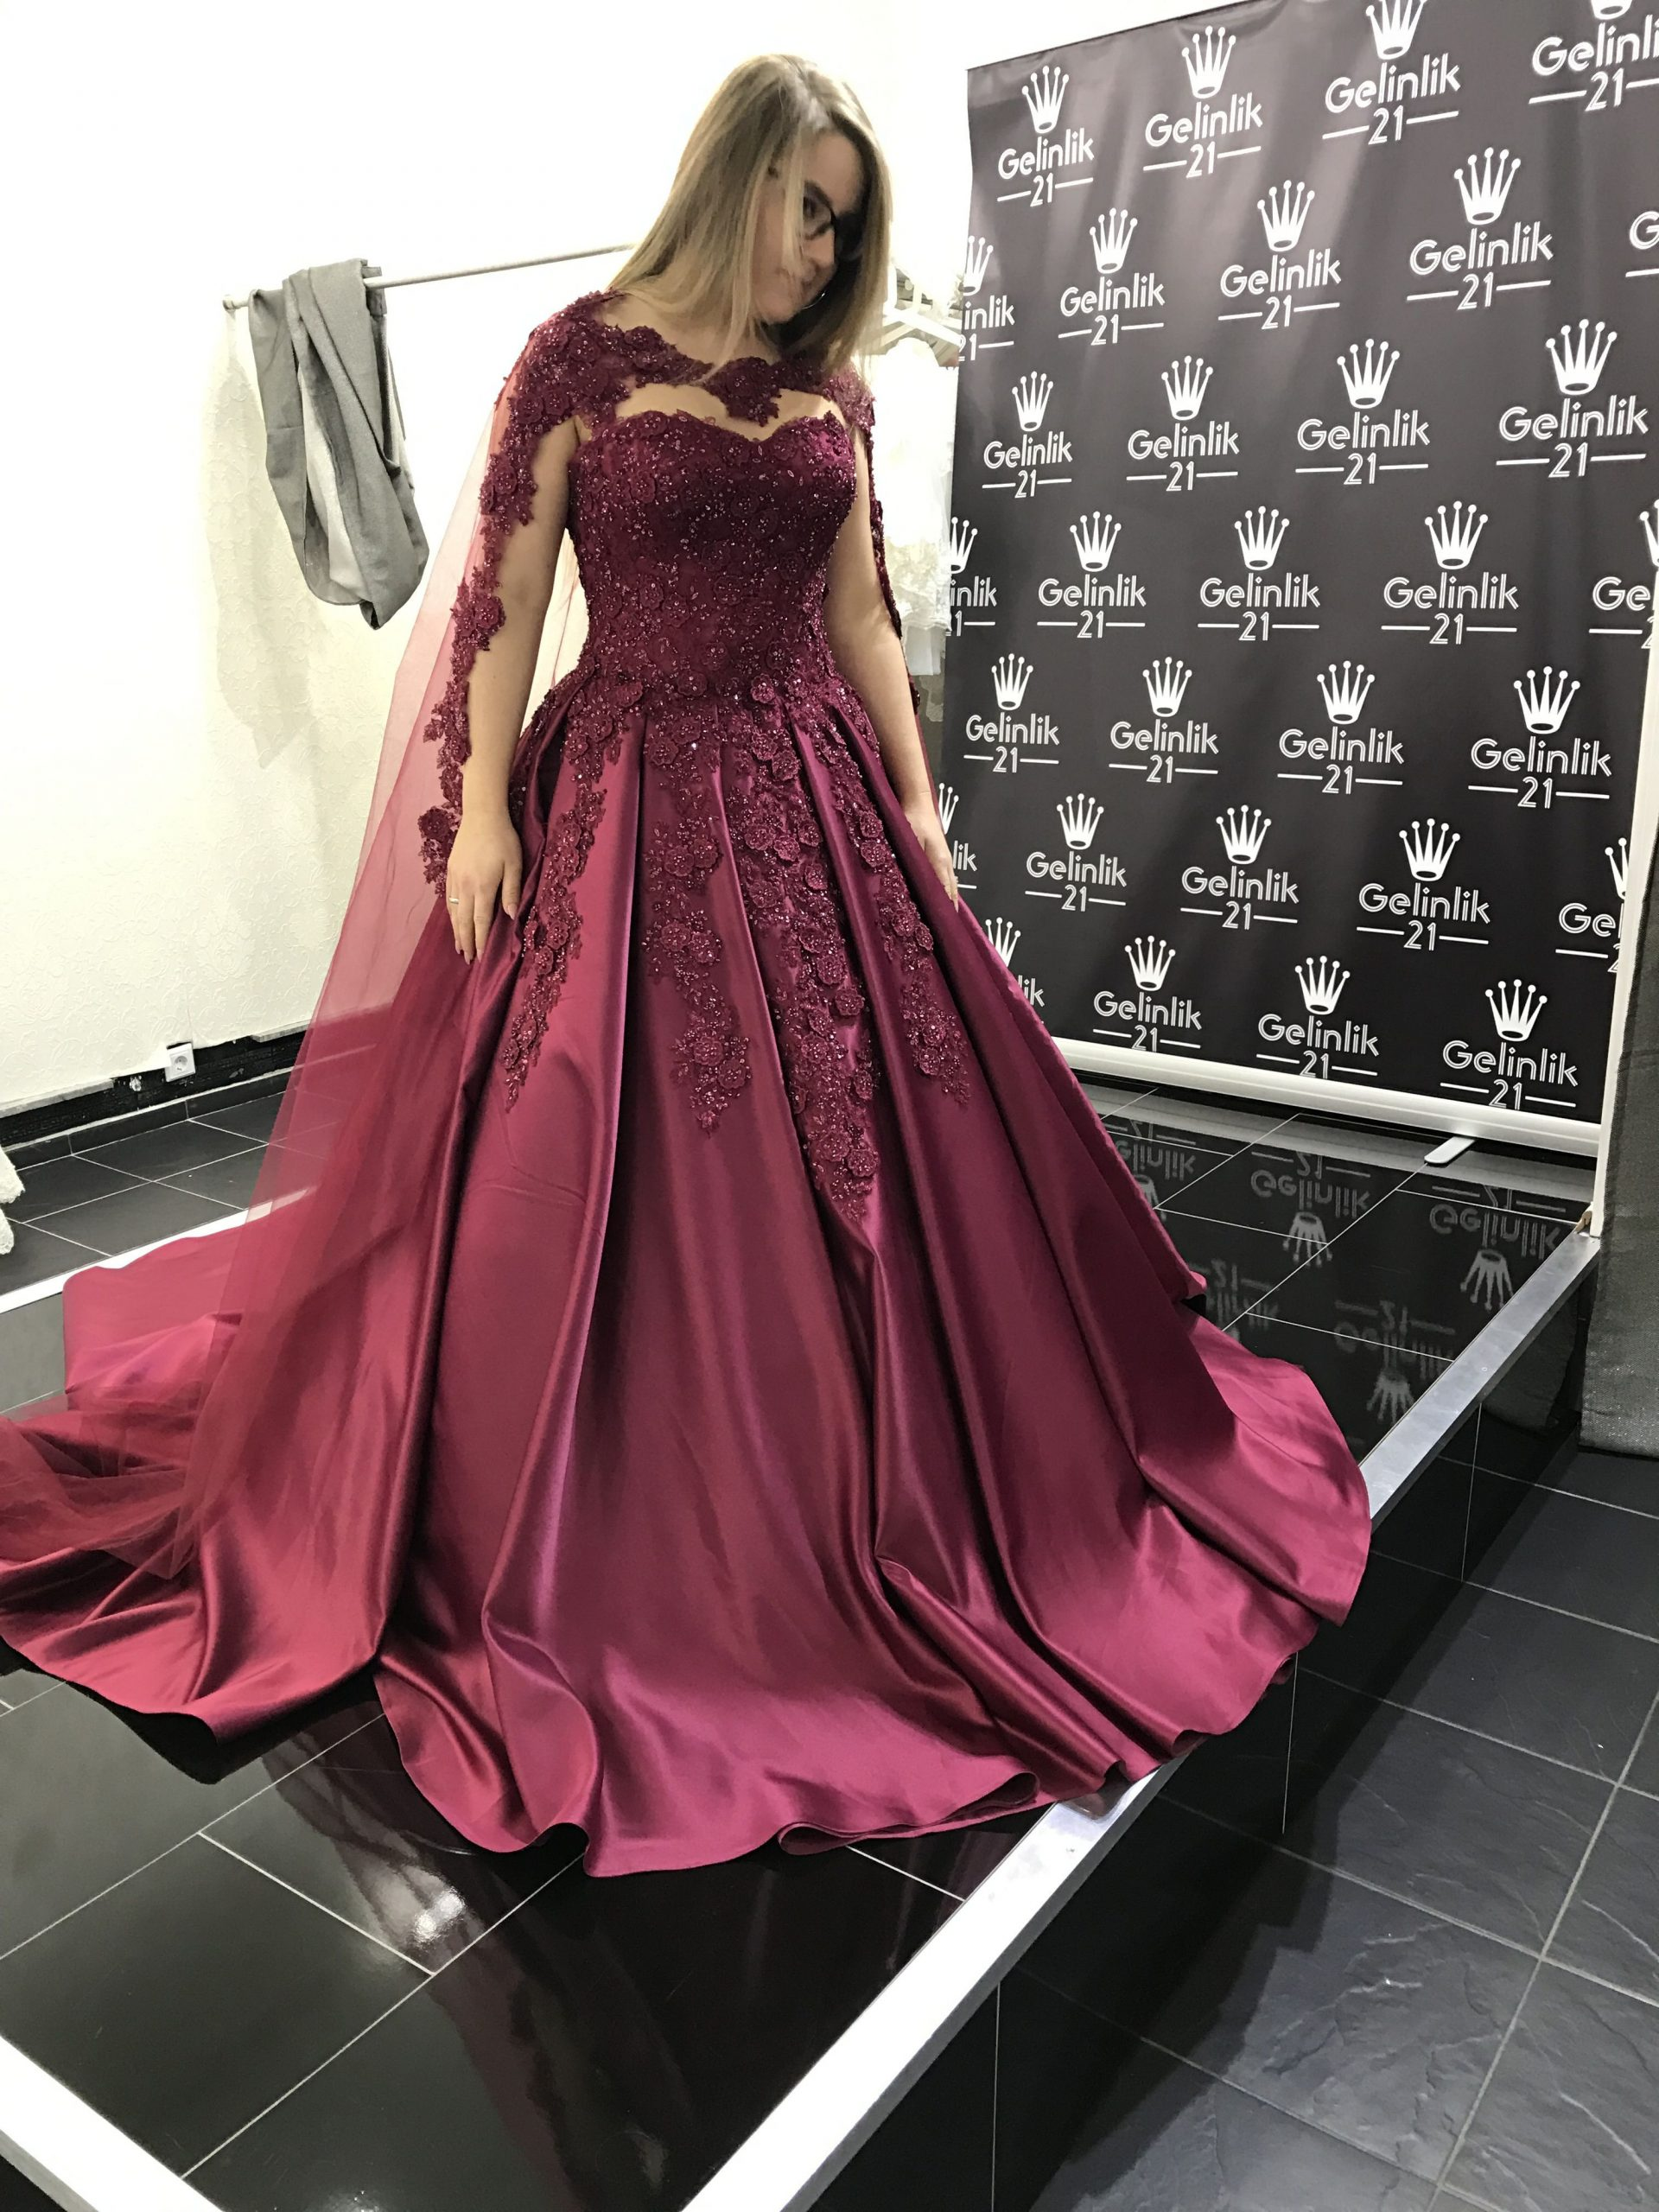 15 Coolste Abend Kleid Duisburg Ärmel20 Genial Abend Kleid Duisburg Spezialgebiet